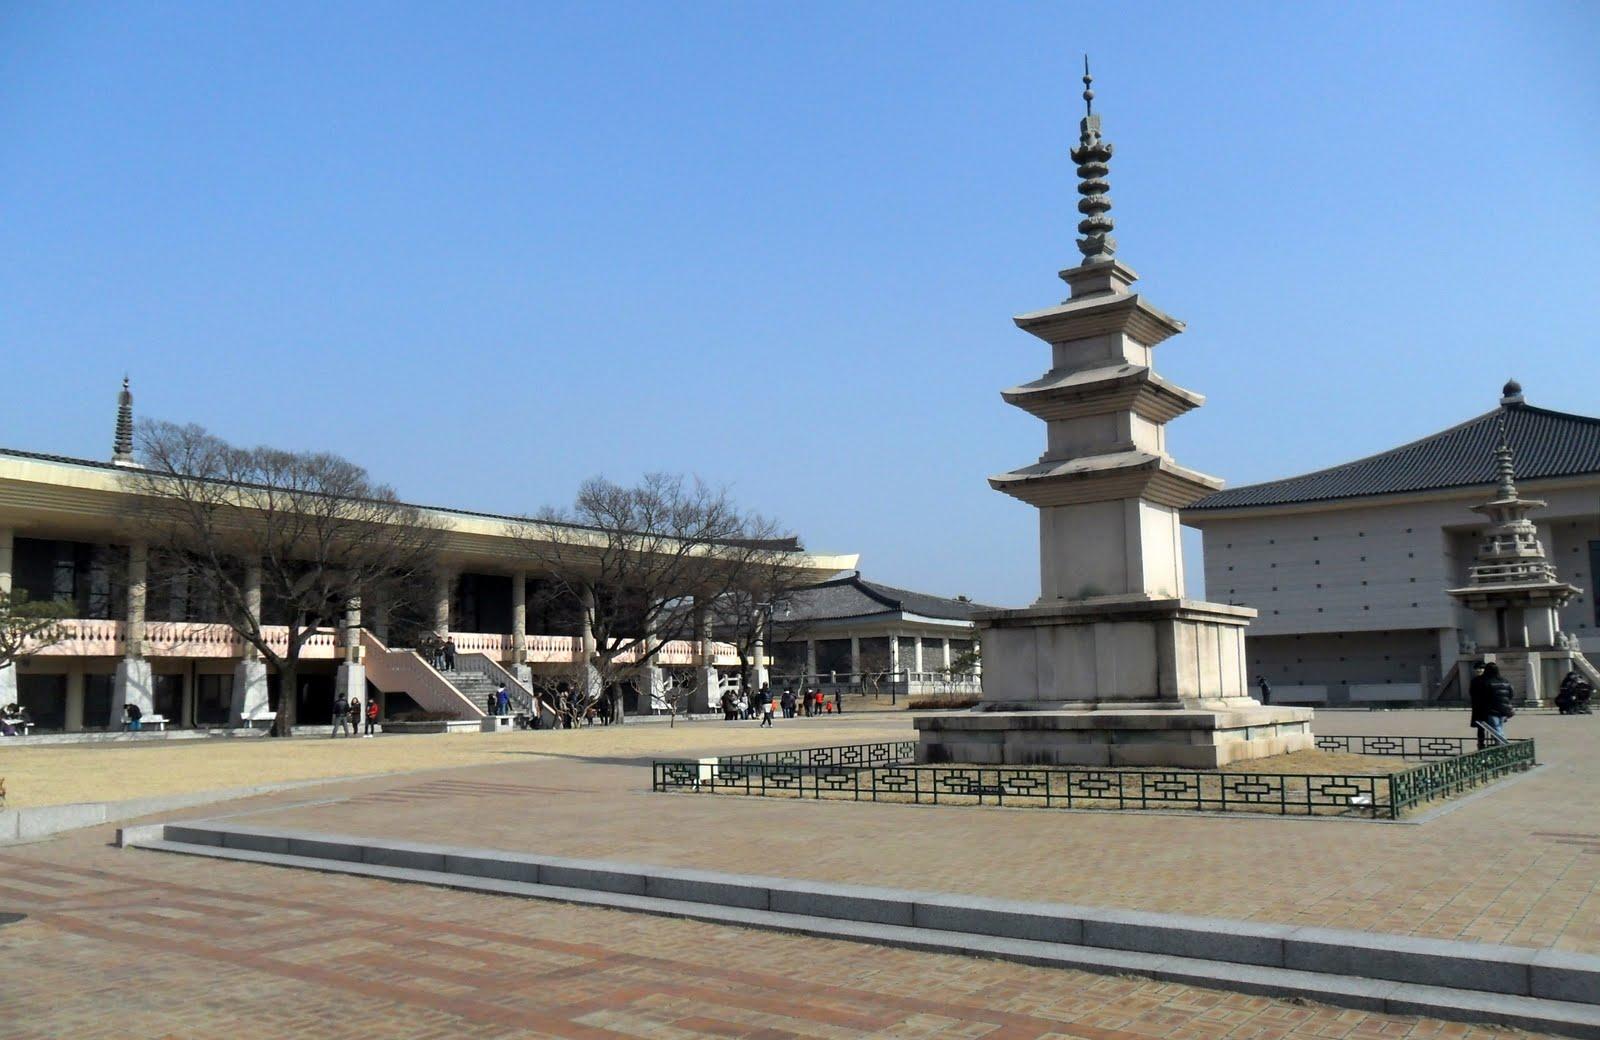 10 พิพิธภัณฑ์เกาหลีที่ไม่ควรพลาด -พิพิธภัณฑ์สถานแห่งชาติเคียงจู